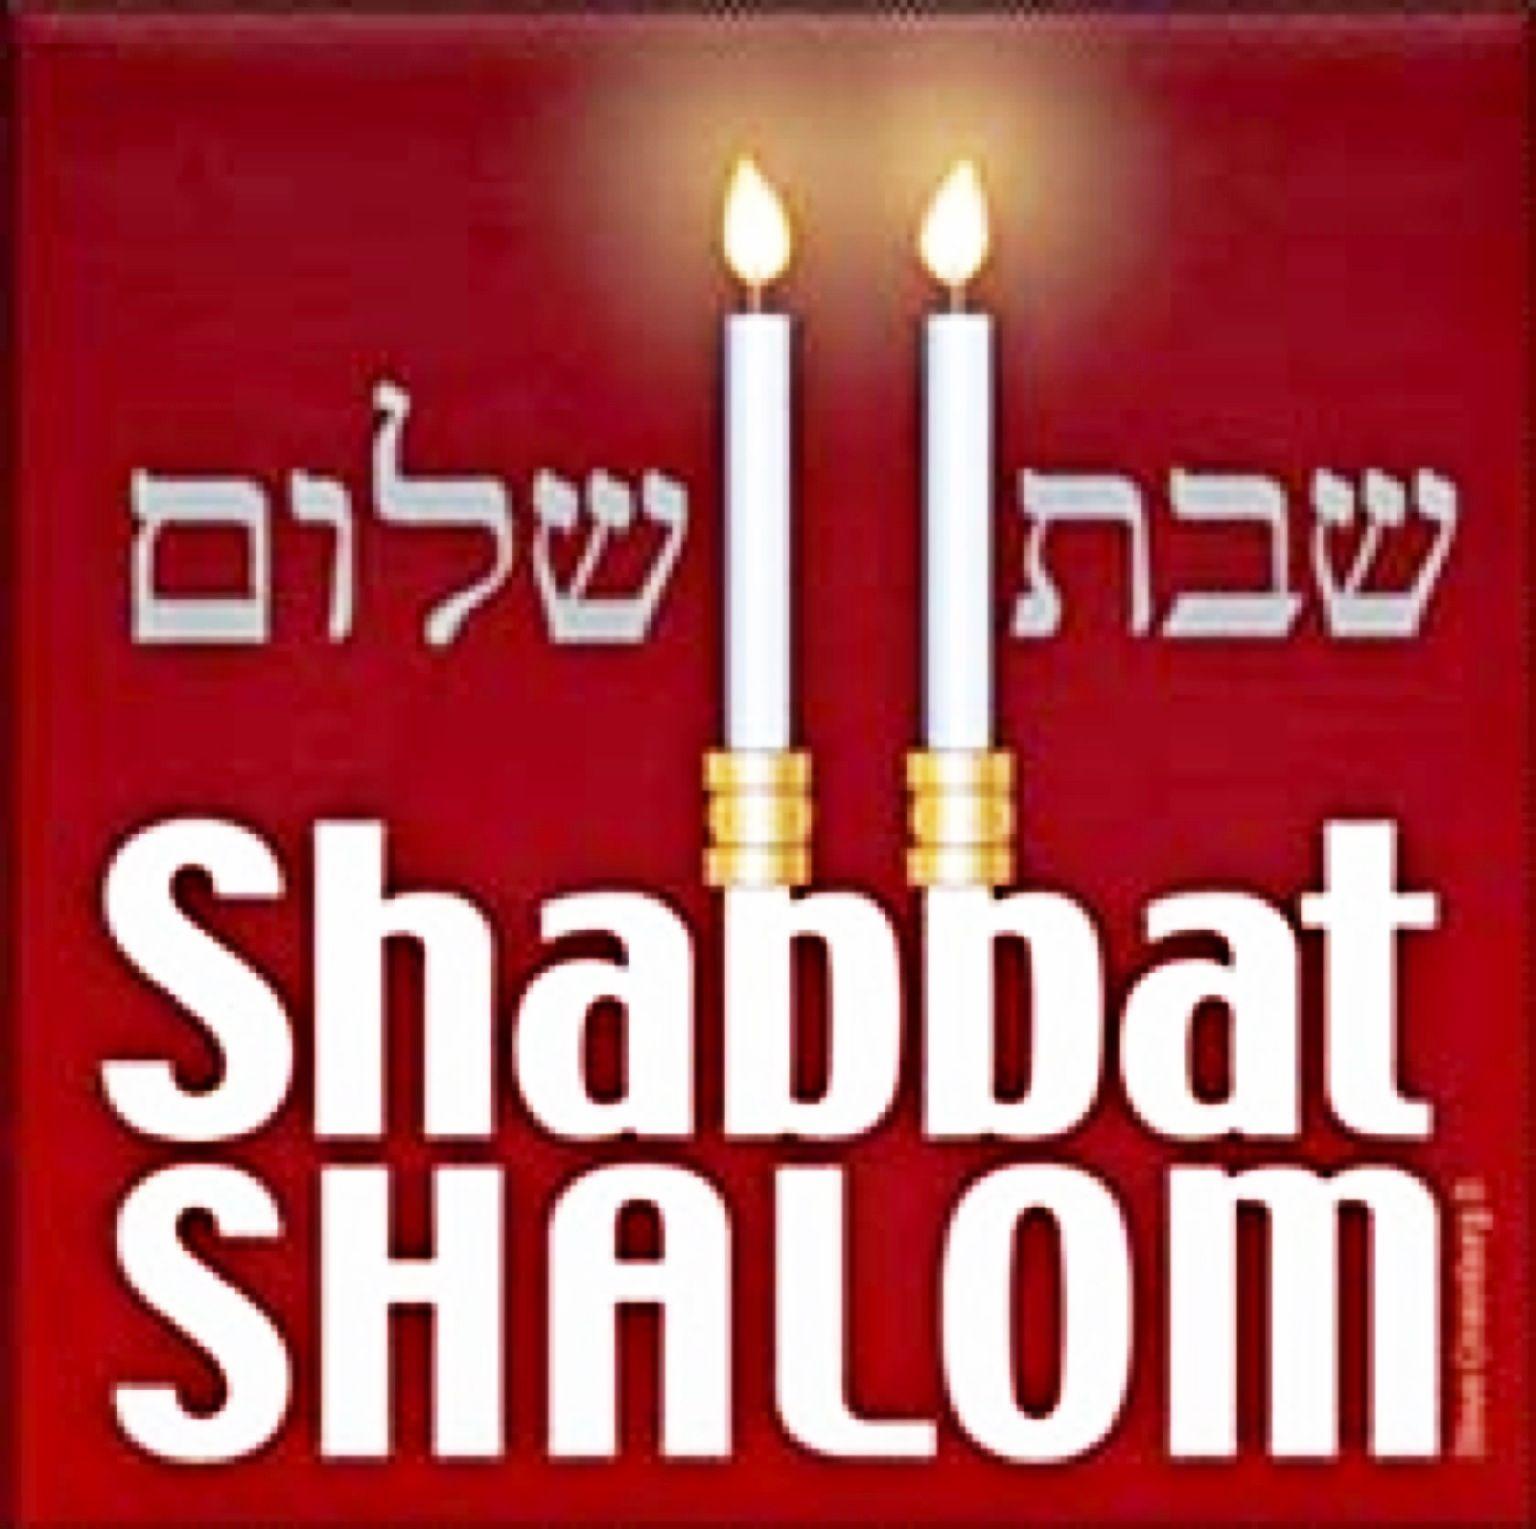 Shabbat Shalom To All Shabbat Shalom Shabbat Shabbat Shalom Images